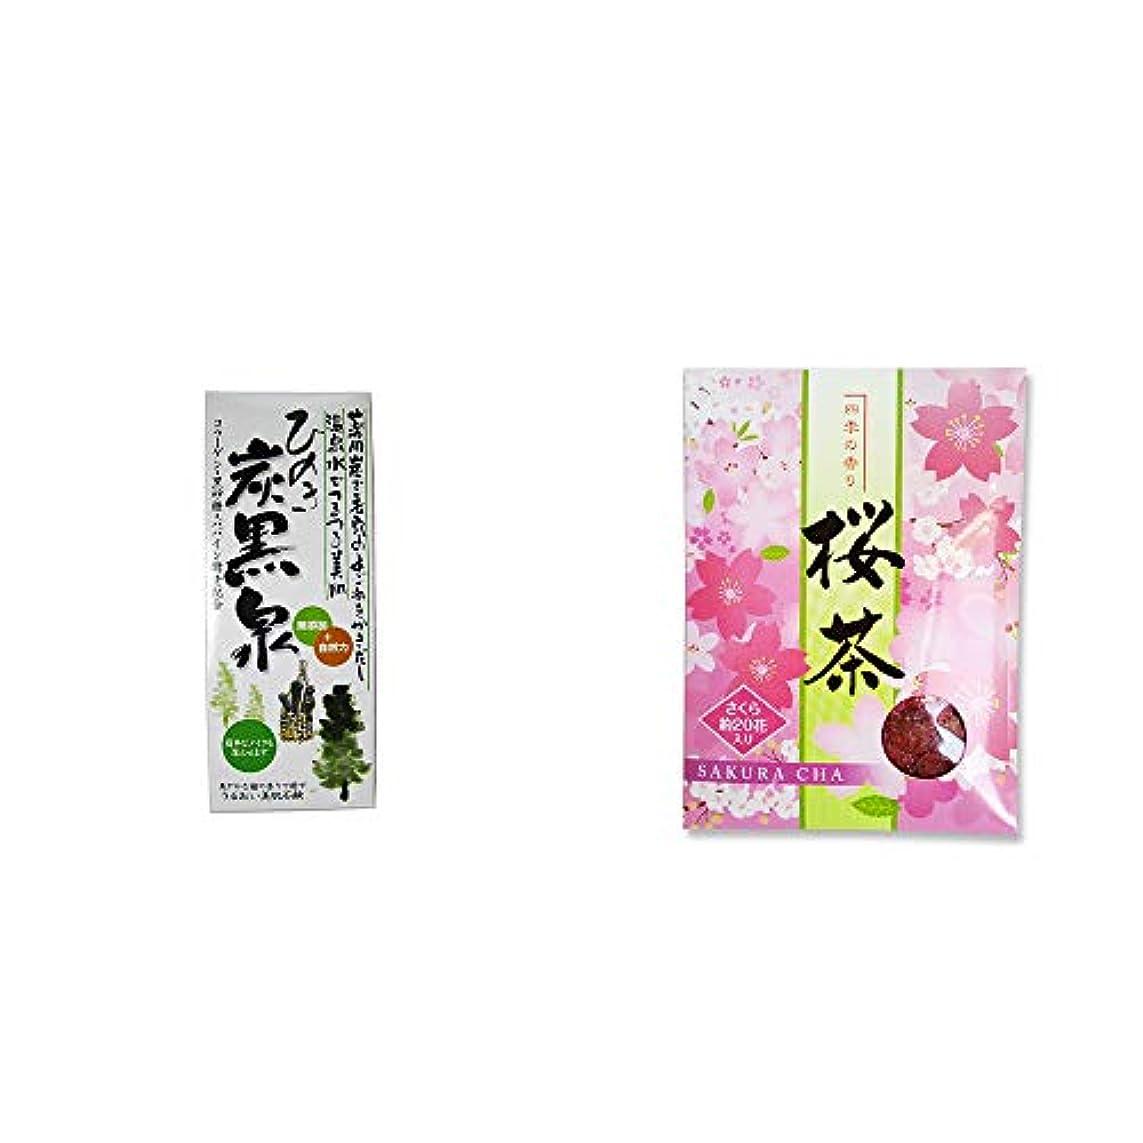 パーティー動脈スプーン[2点セット] ひのき炭黒泉 箱入り(75g×3)?桜茶(40g)